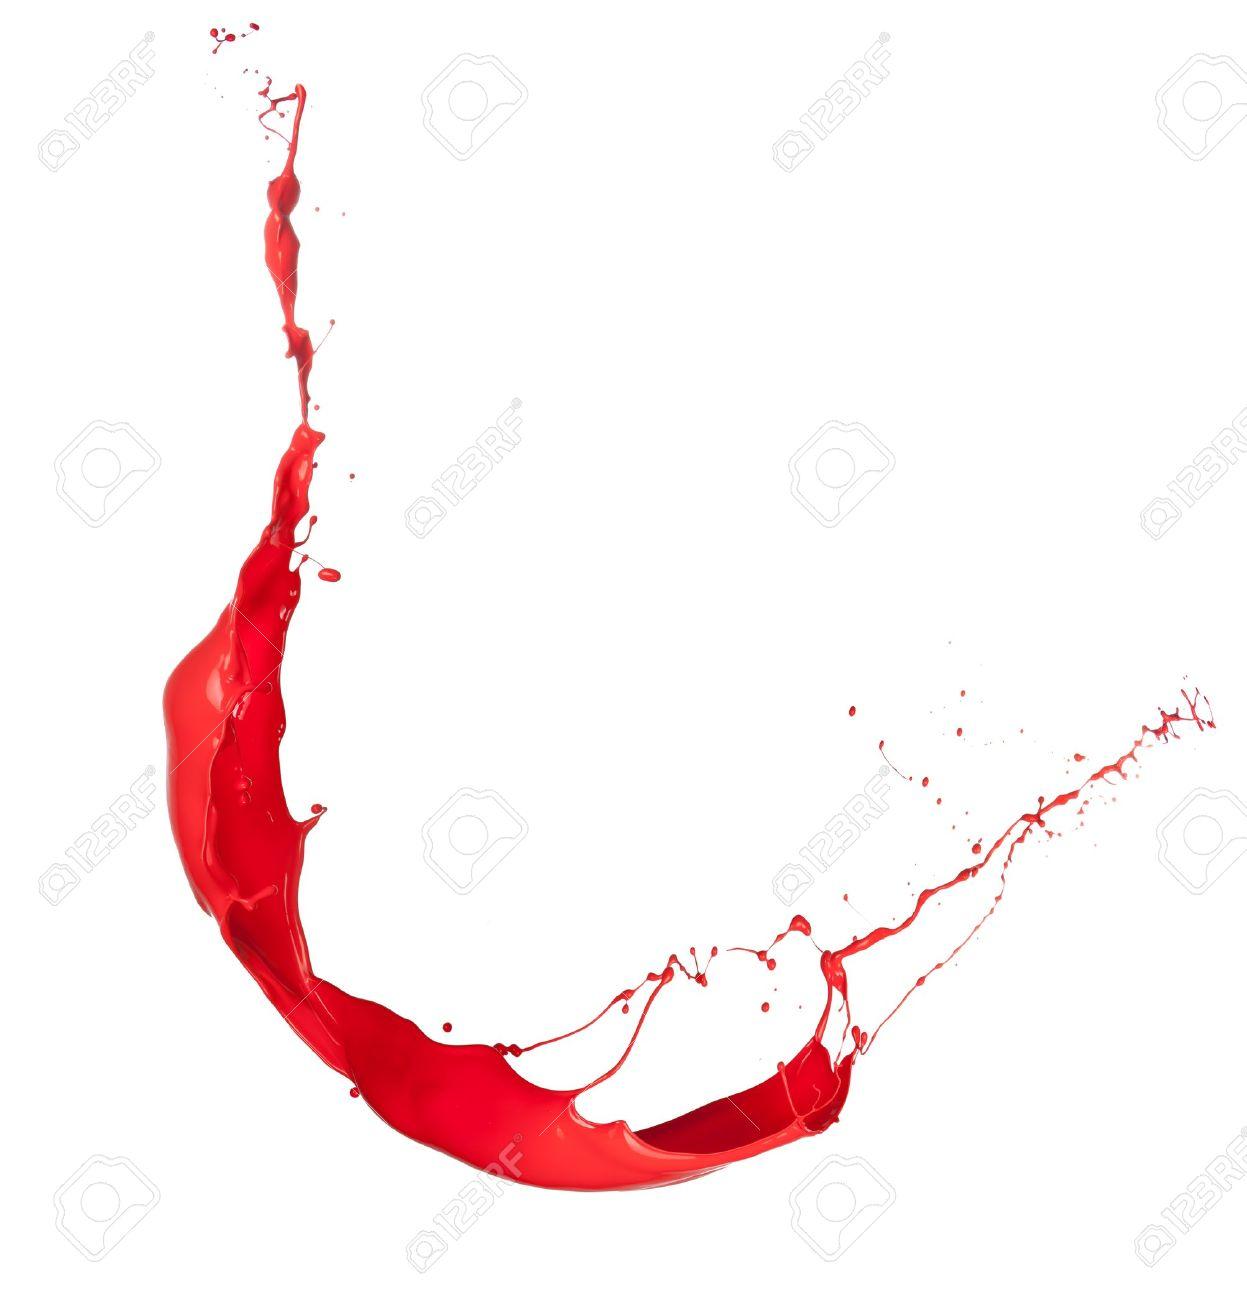 Tir Isole D Eclaboussure De Peinture Rouge Sur Fond Blanc Banque D Images Et Photos Libres De Droits Image 15006881